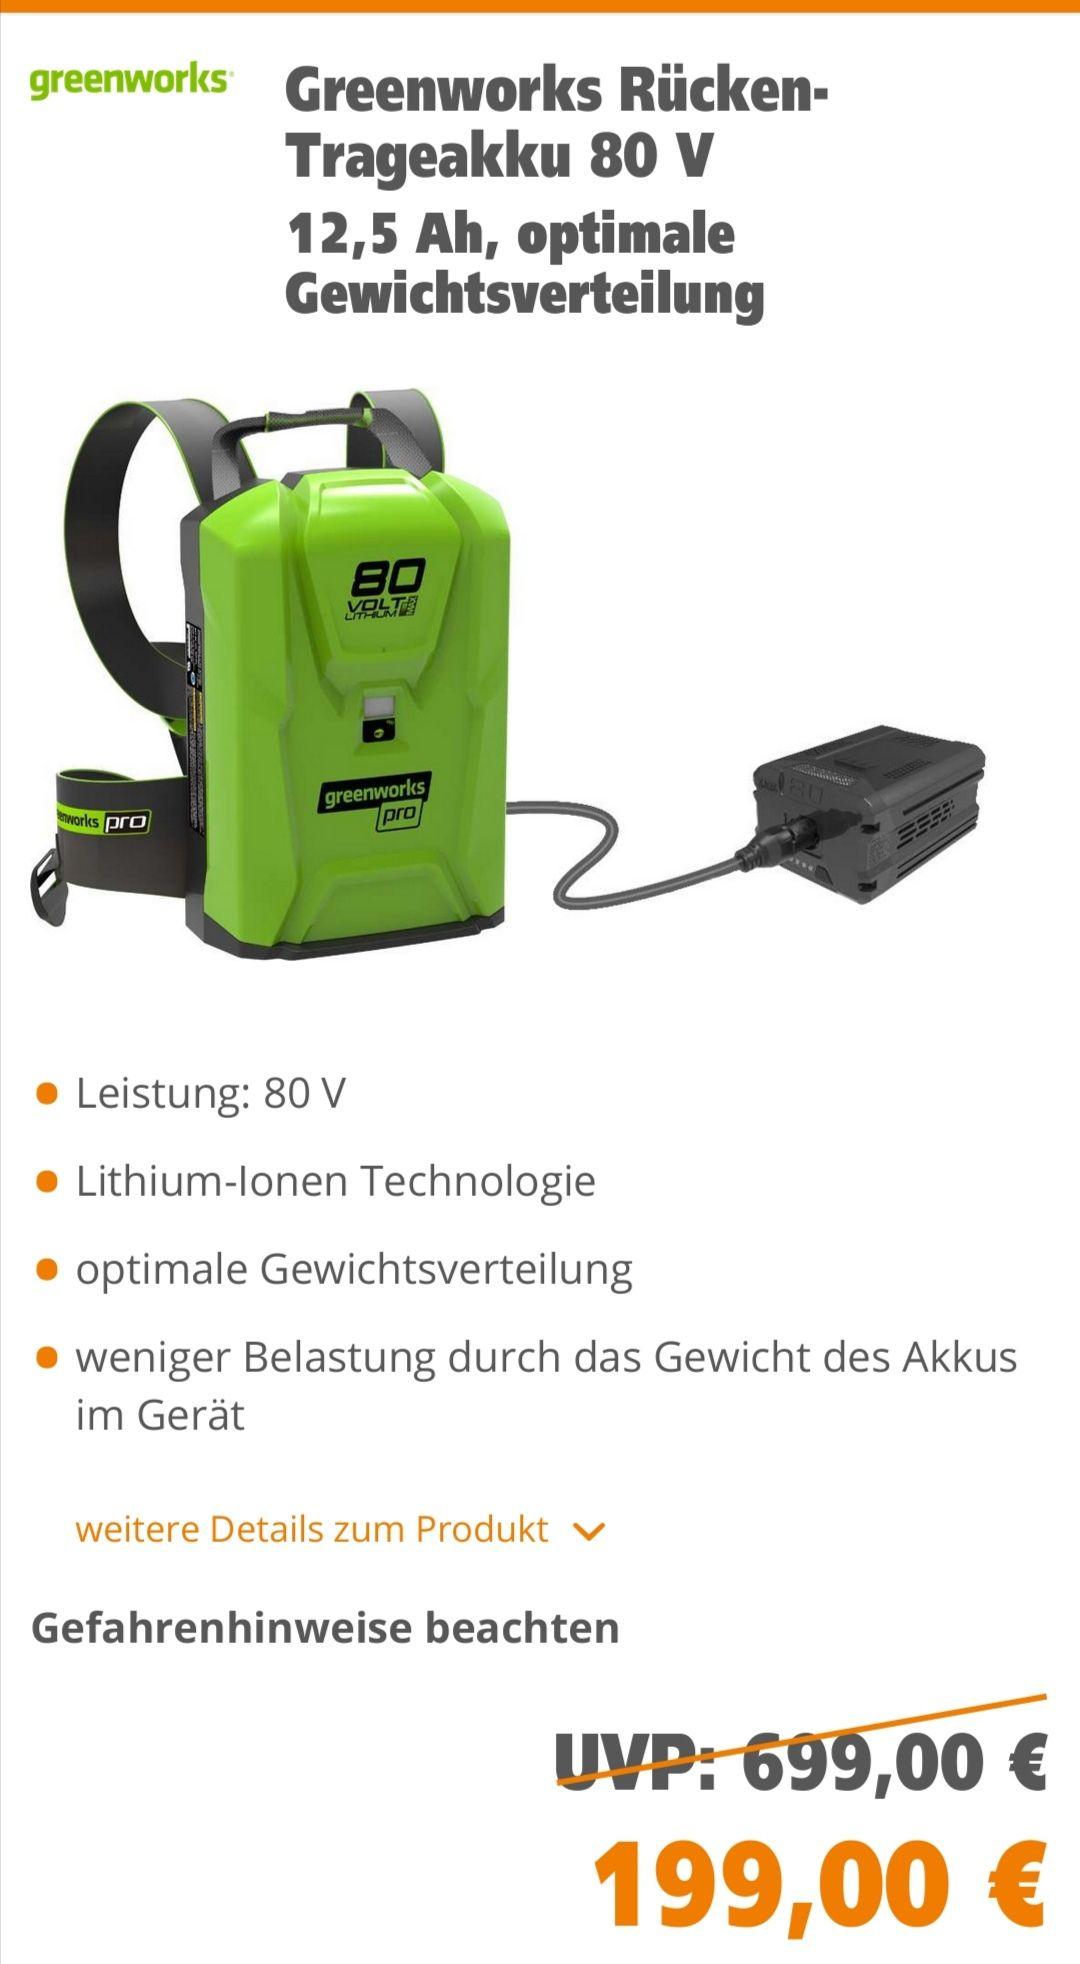 (Globus Baumarkt) Greenworks 80 V Rücken-Trageakku 12.5ah